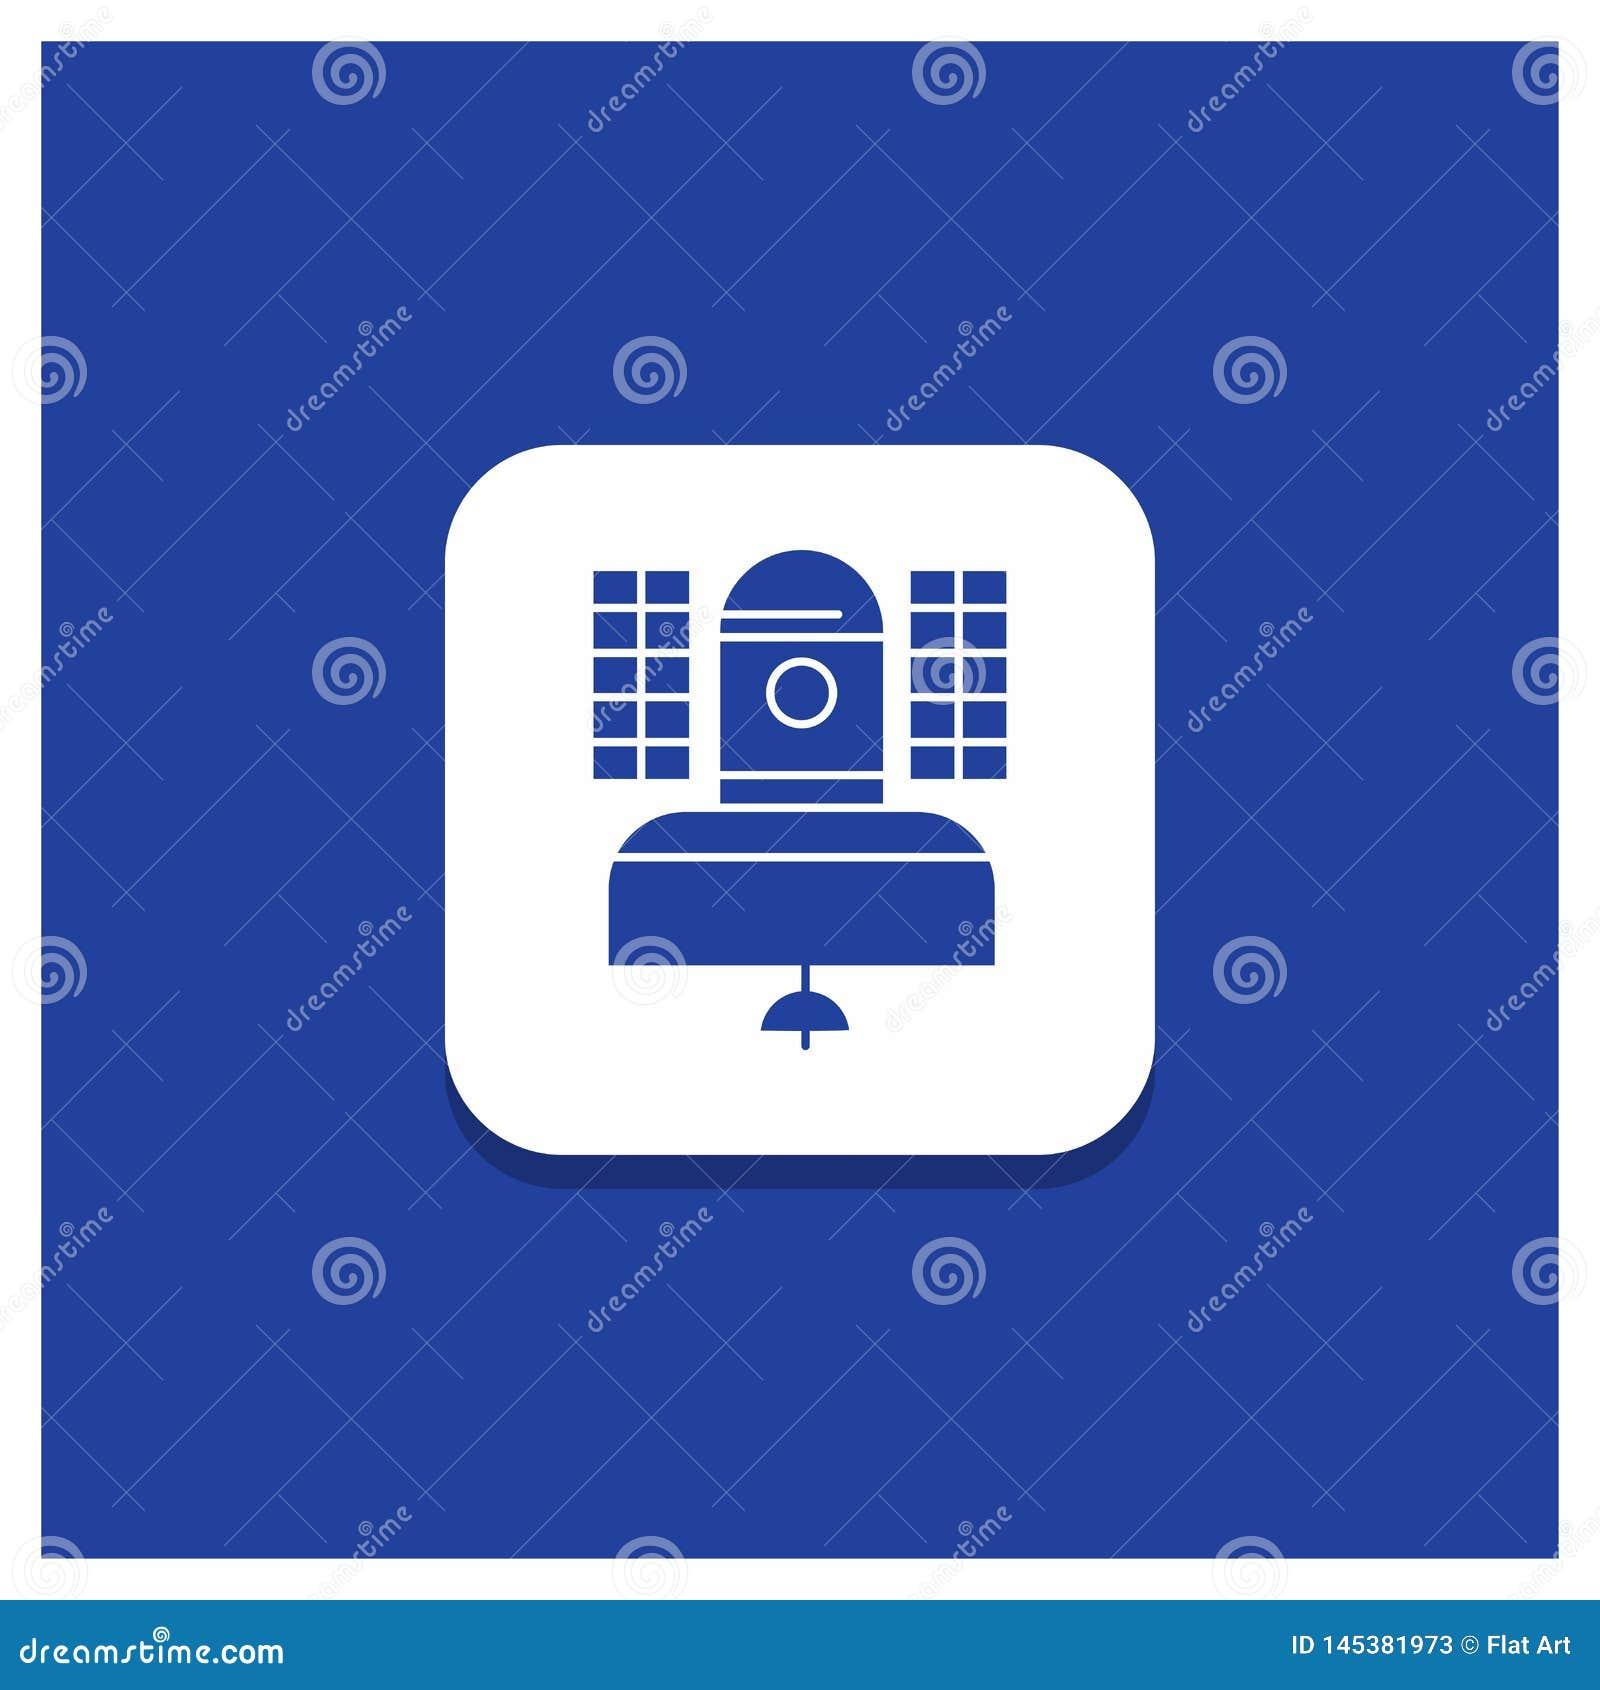 Blauwe Ronde Knoop voor Satelliet, uitzending, het uitzenden, mededeling, het pictogram van telecommunicatieglyph